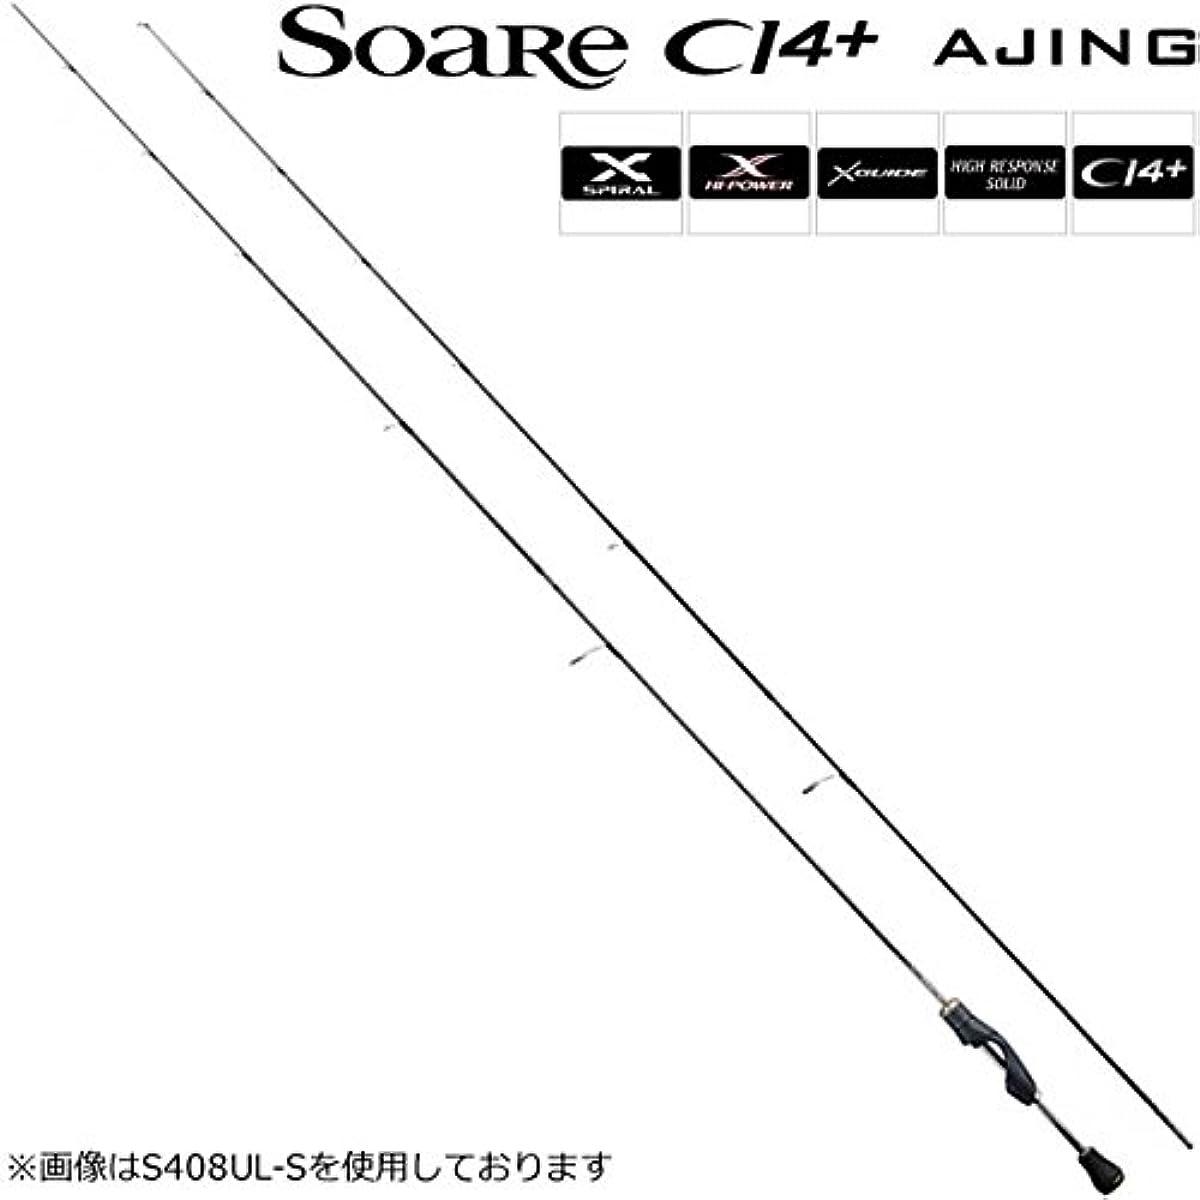 [해외] 시마노 소 아레티 CI4+ AGN구 S408UL-S